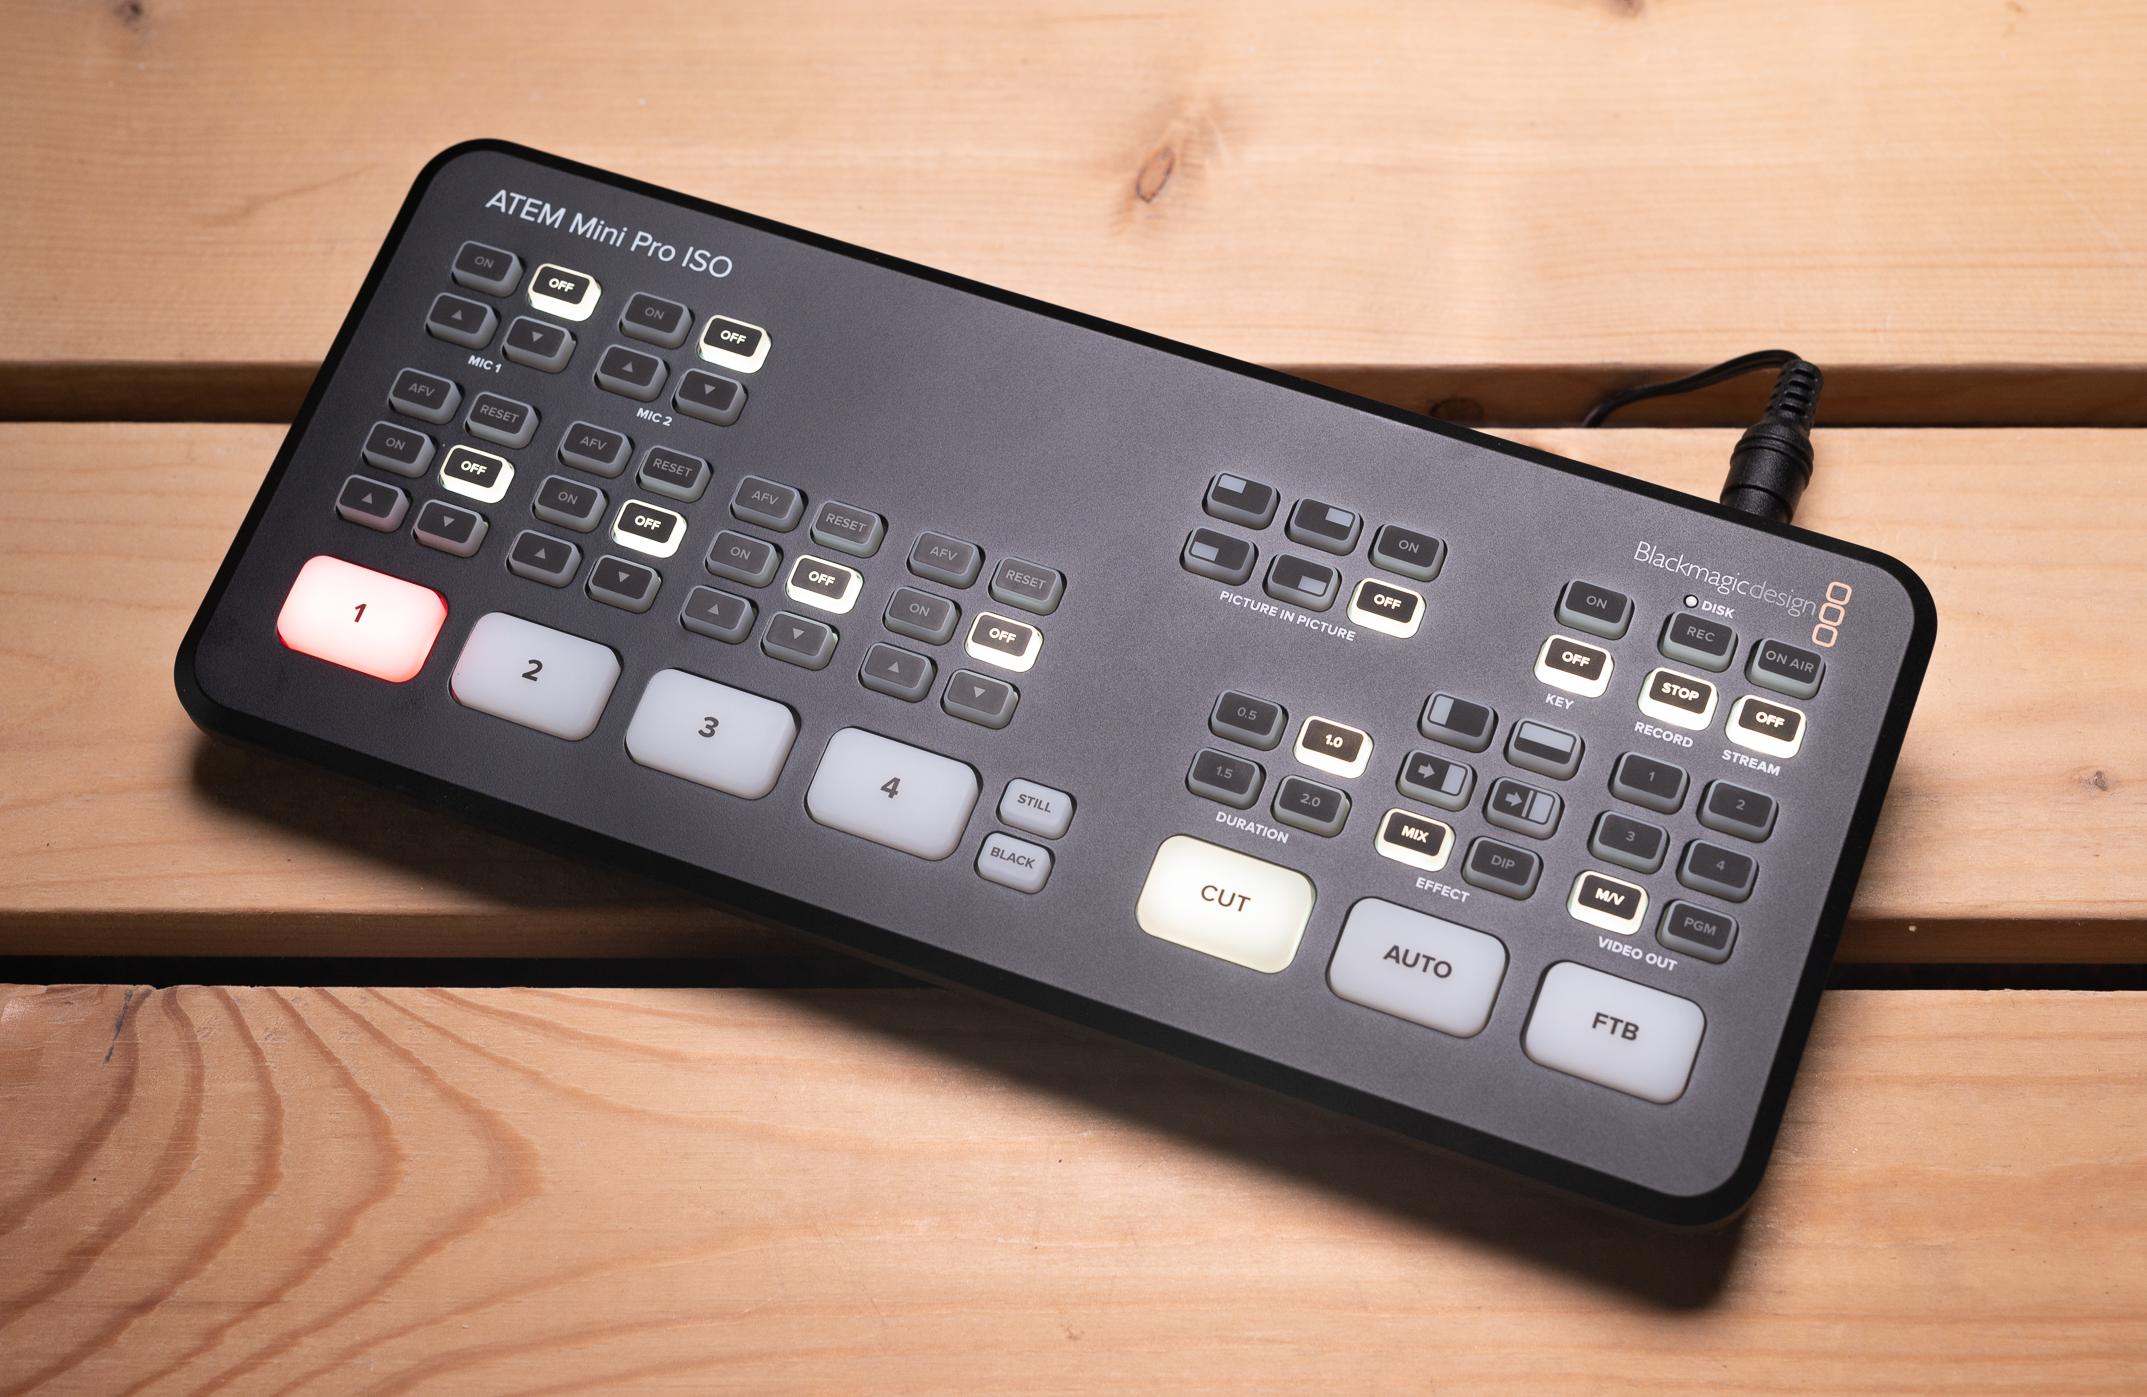 Blackmagic Design Atem Mini Pro Iso Review